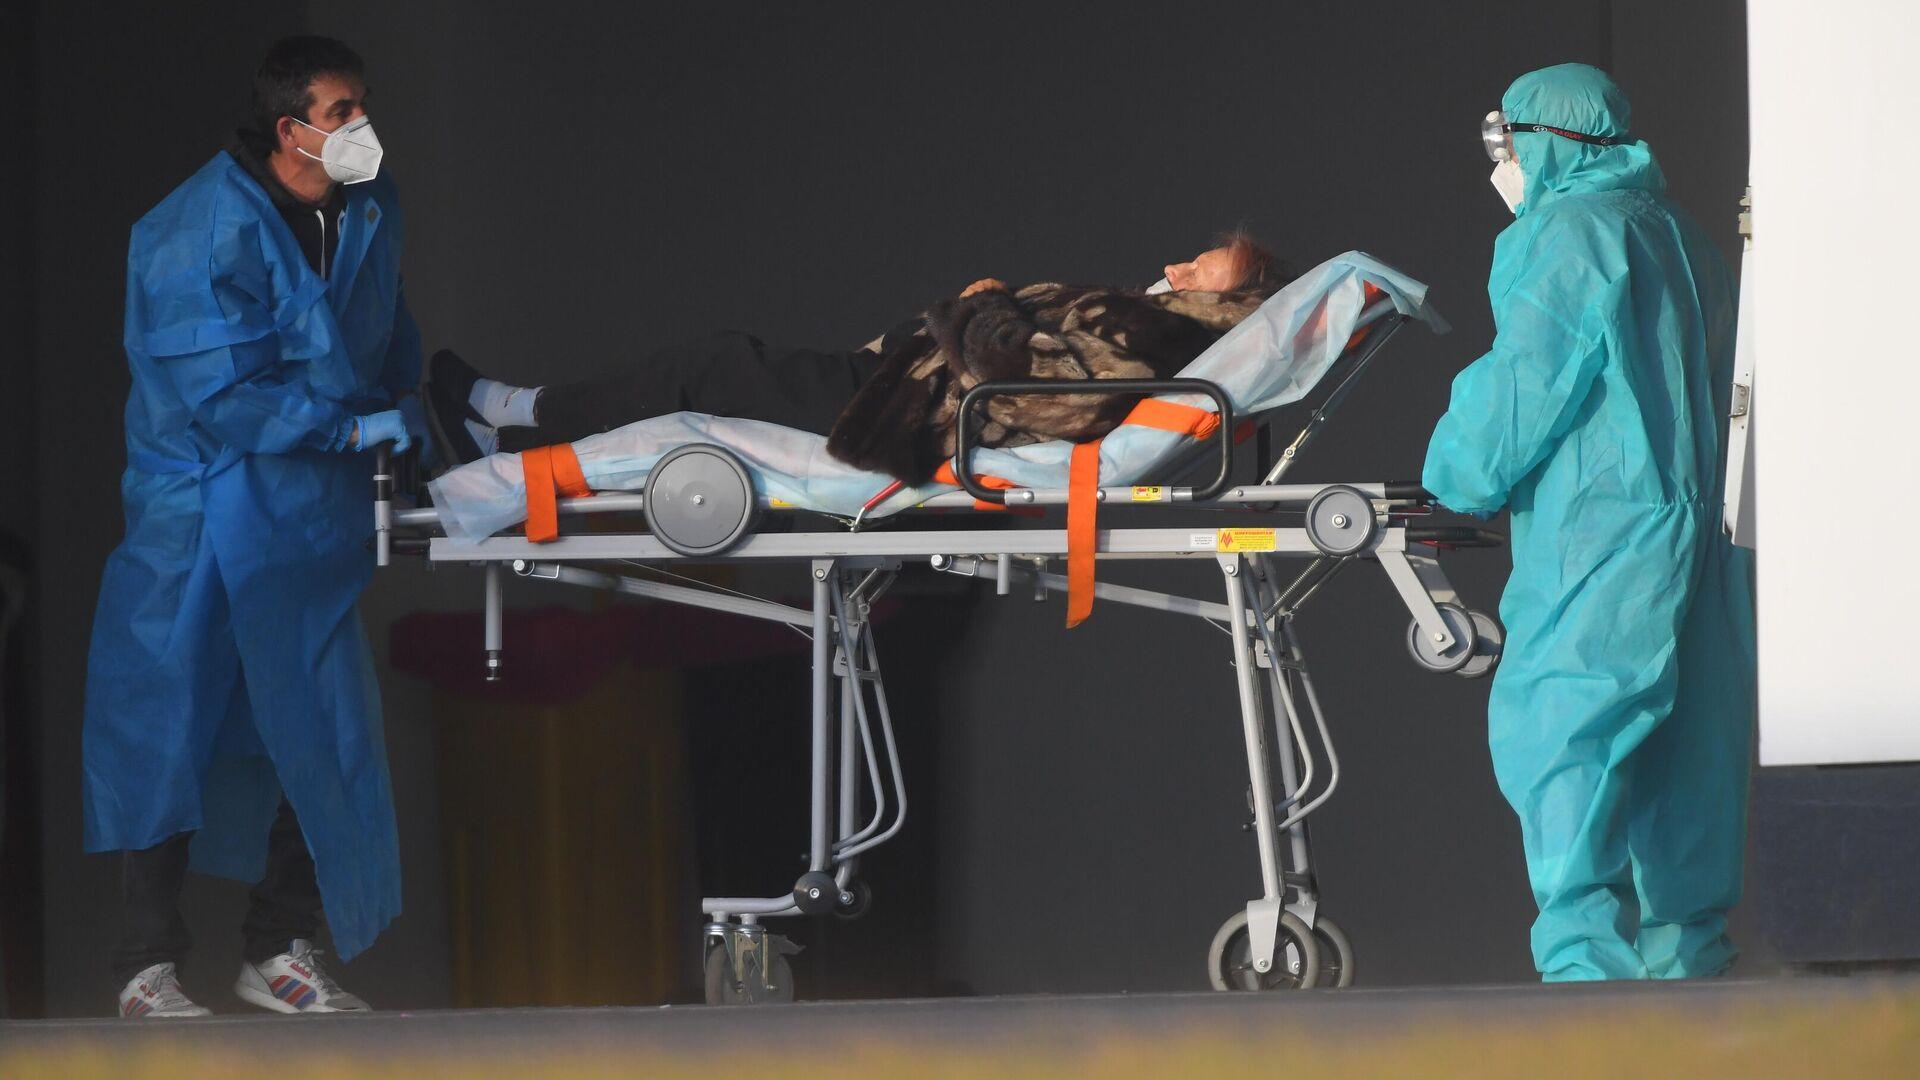 Бригада скорой медицинской помощи доставила пациента в карантинный центр в Коммунарке - РИА Новости, 1920, 29.10.2020